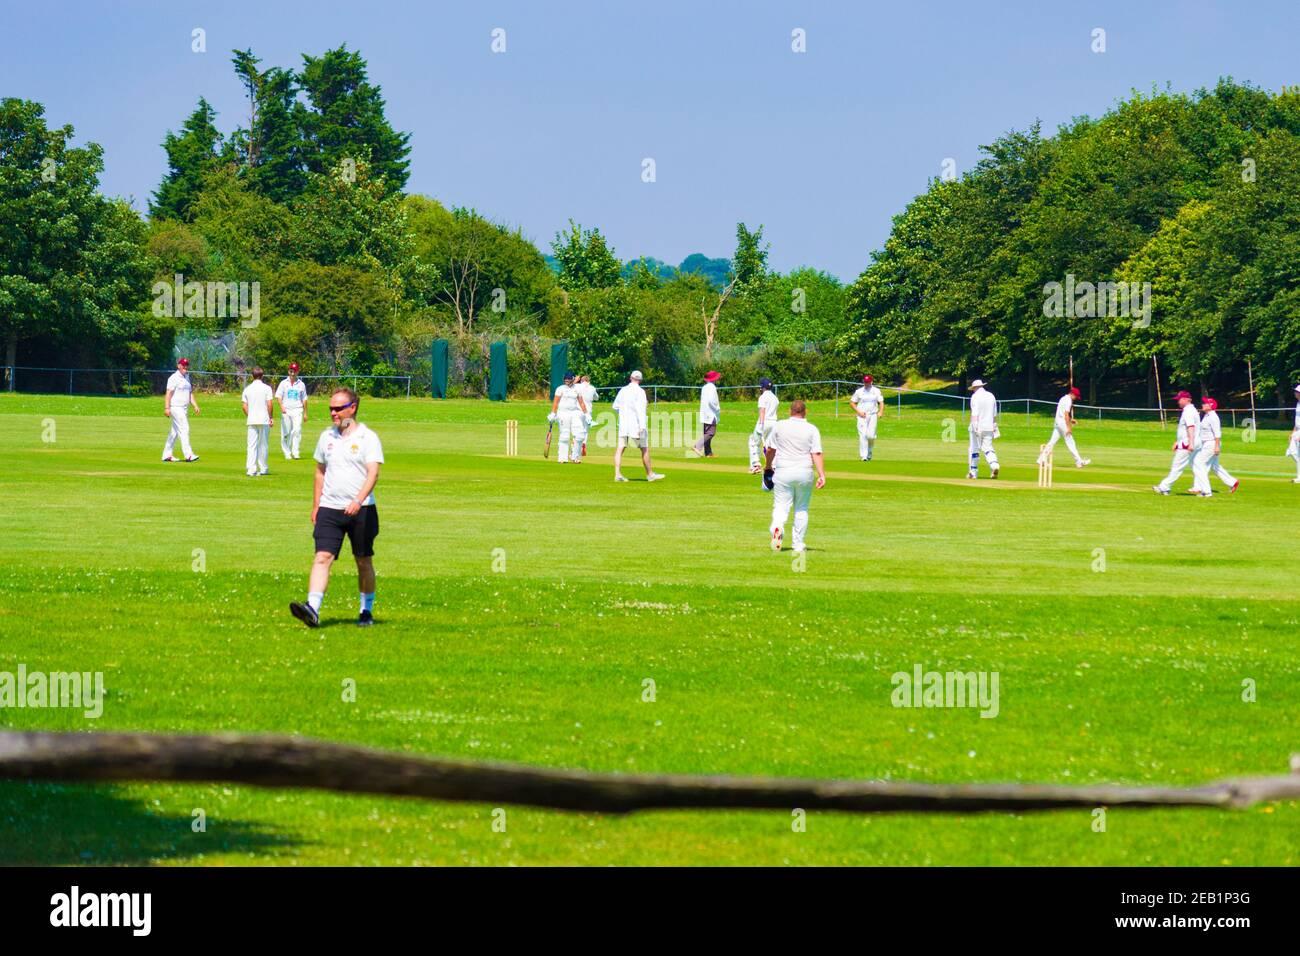 Un batteur de cricket frappe le ballon avec le cricket et le gardien de cricket debout derrière lui Banque D'Images